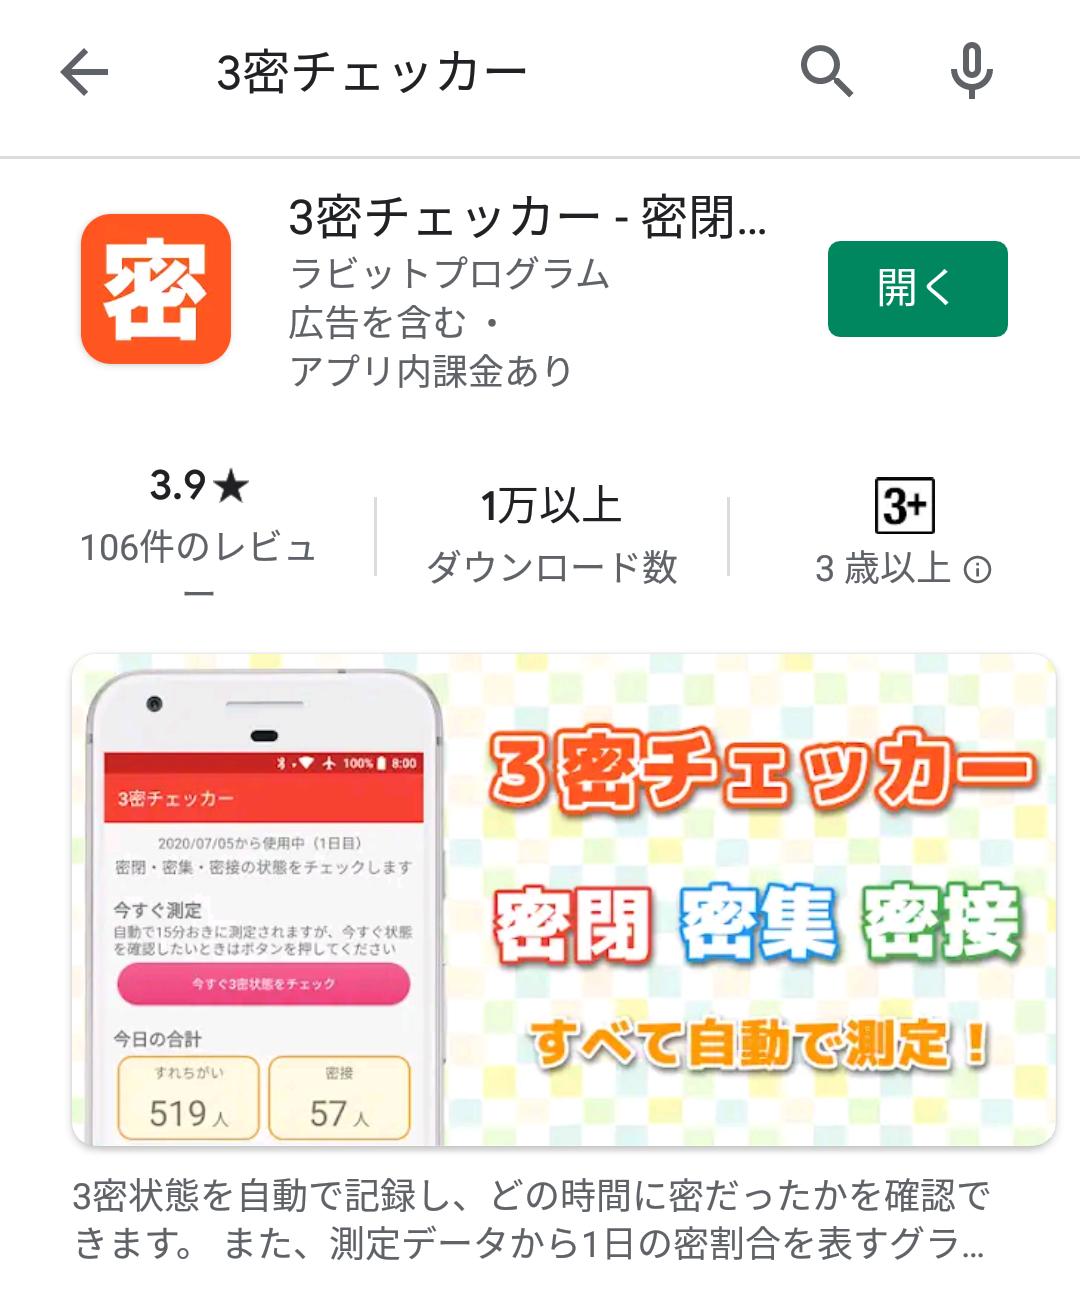 チェッカー アプリ 密 3